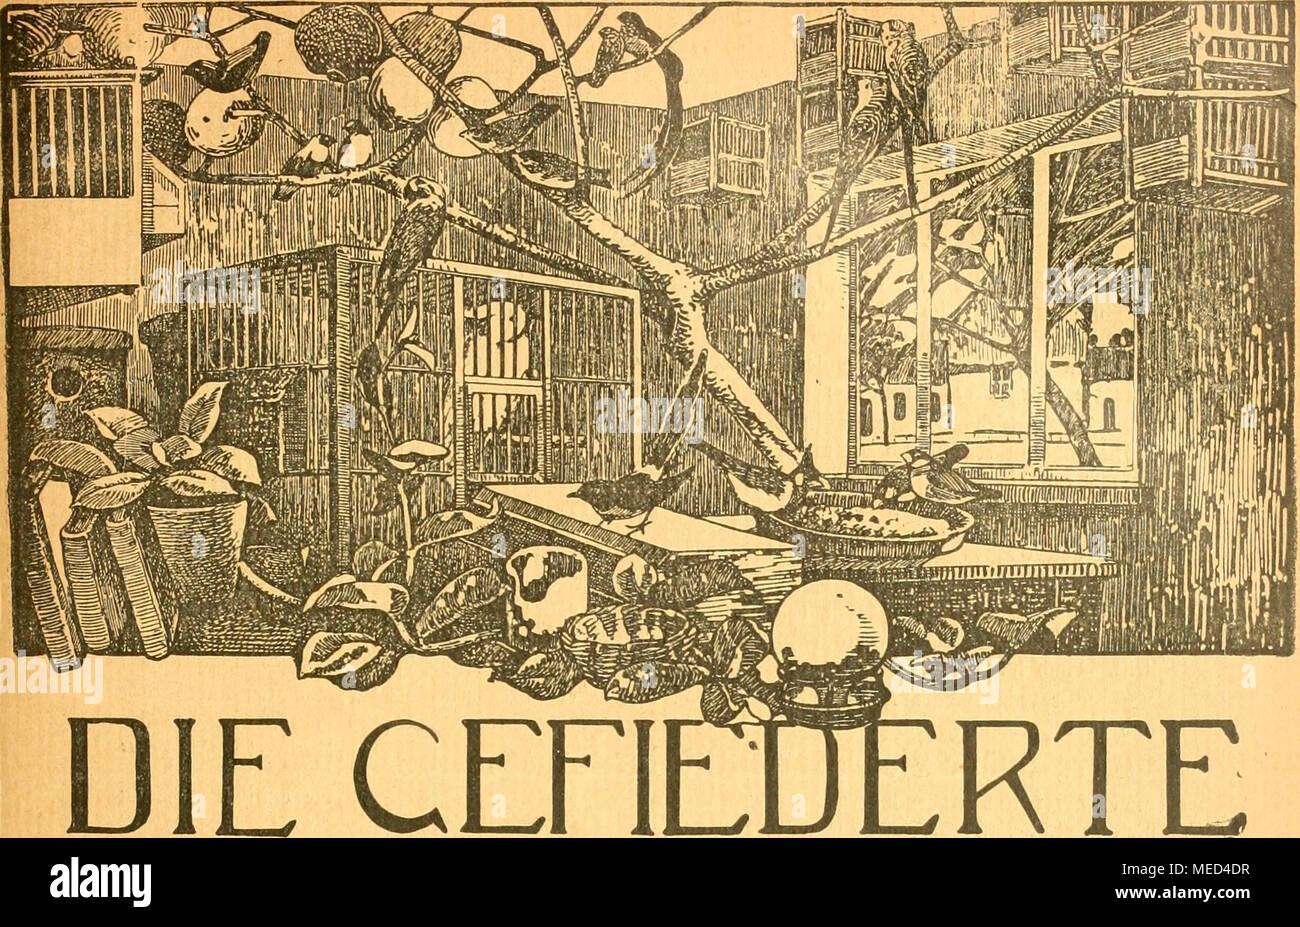 . Die Gefiederte welt . WELT WOCHENSCHRIFT FÜR -VOGELLIEBHABER- Begründet von Dr. Karl Ruß. Herausgegeben von Karl NeunzigJin^'Hermsdorf bei Berlin. INHALT^ Die Wachtel und ihre Pflege. Karl von Finck, Neukölln. Vom blauen Staffelschwanz. Von K. Neunzig. Dompfaffenzüchtung. Von Friedrich Busse, Dessau. Im Freien überwinterte fremdländiche Vögel. Von Stadtarchitekt Pracht. Kleine Mitteilungen. - Vogelschutz. - Sprechsaal. - Aus den Vereinen. Vom Vogelmarkt. - Redaktionsbriefkasten. Abonnementspreis vierteljährlich JW. 1.50. (13 Nummern mit Abbildungen.) (gi^ Jährlich 52 Hefte M. 6.-. Einzelprei Foto Stock